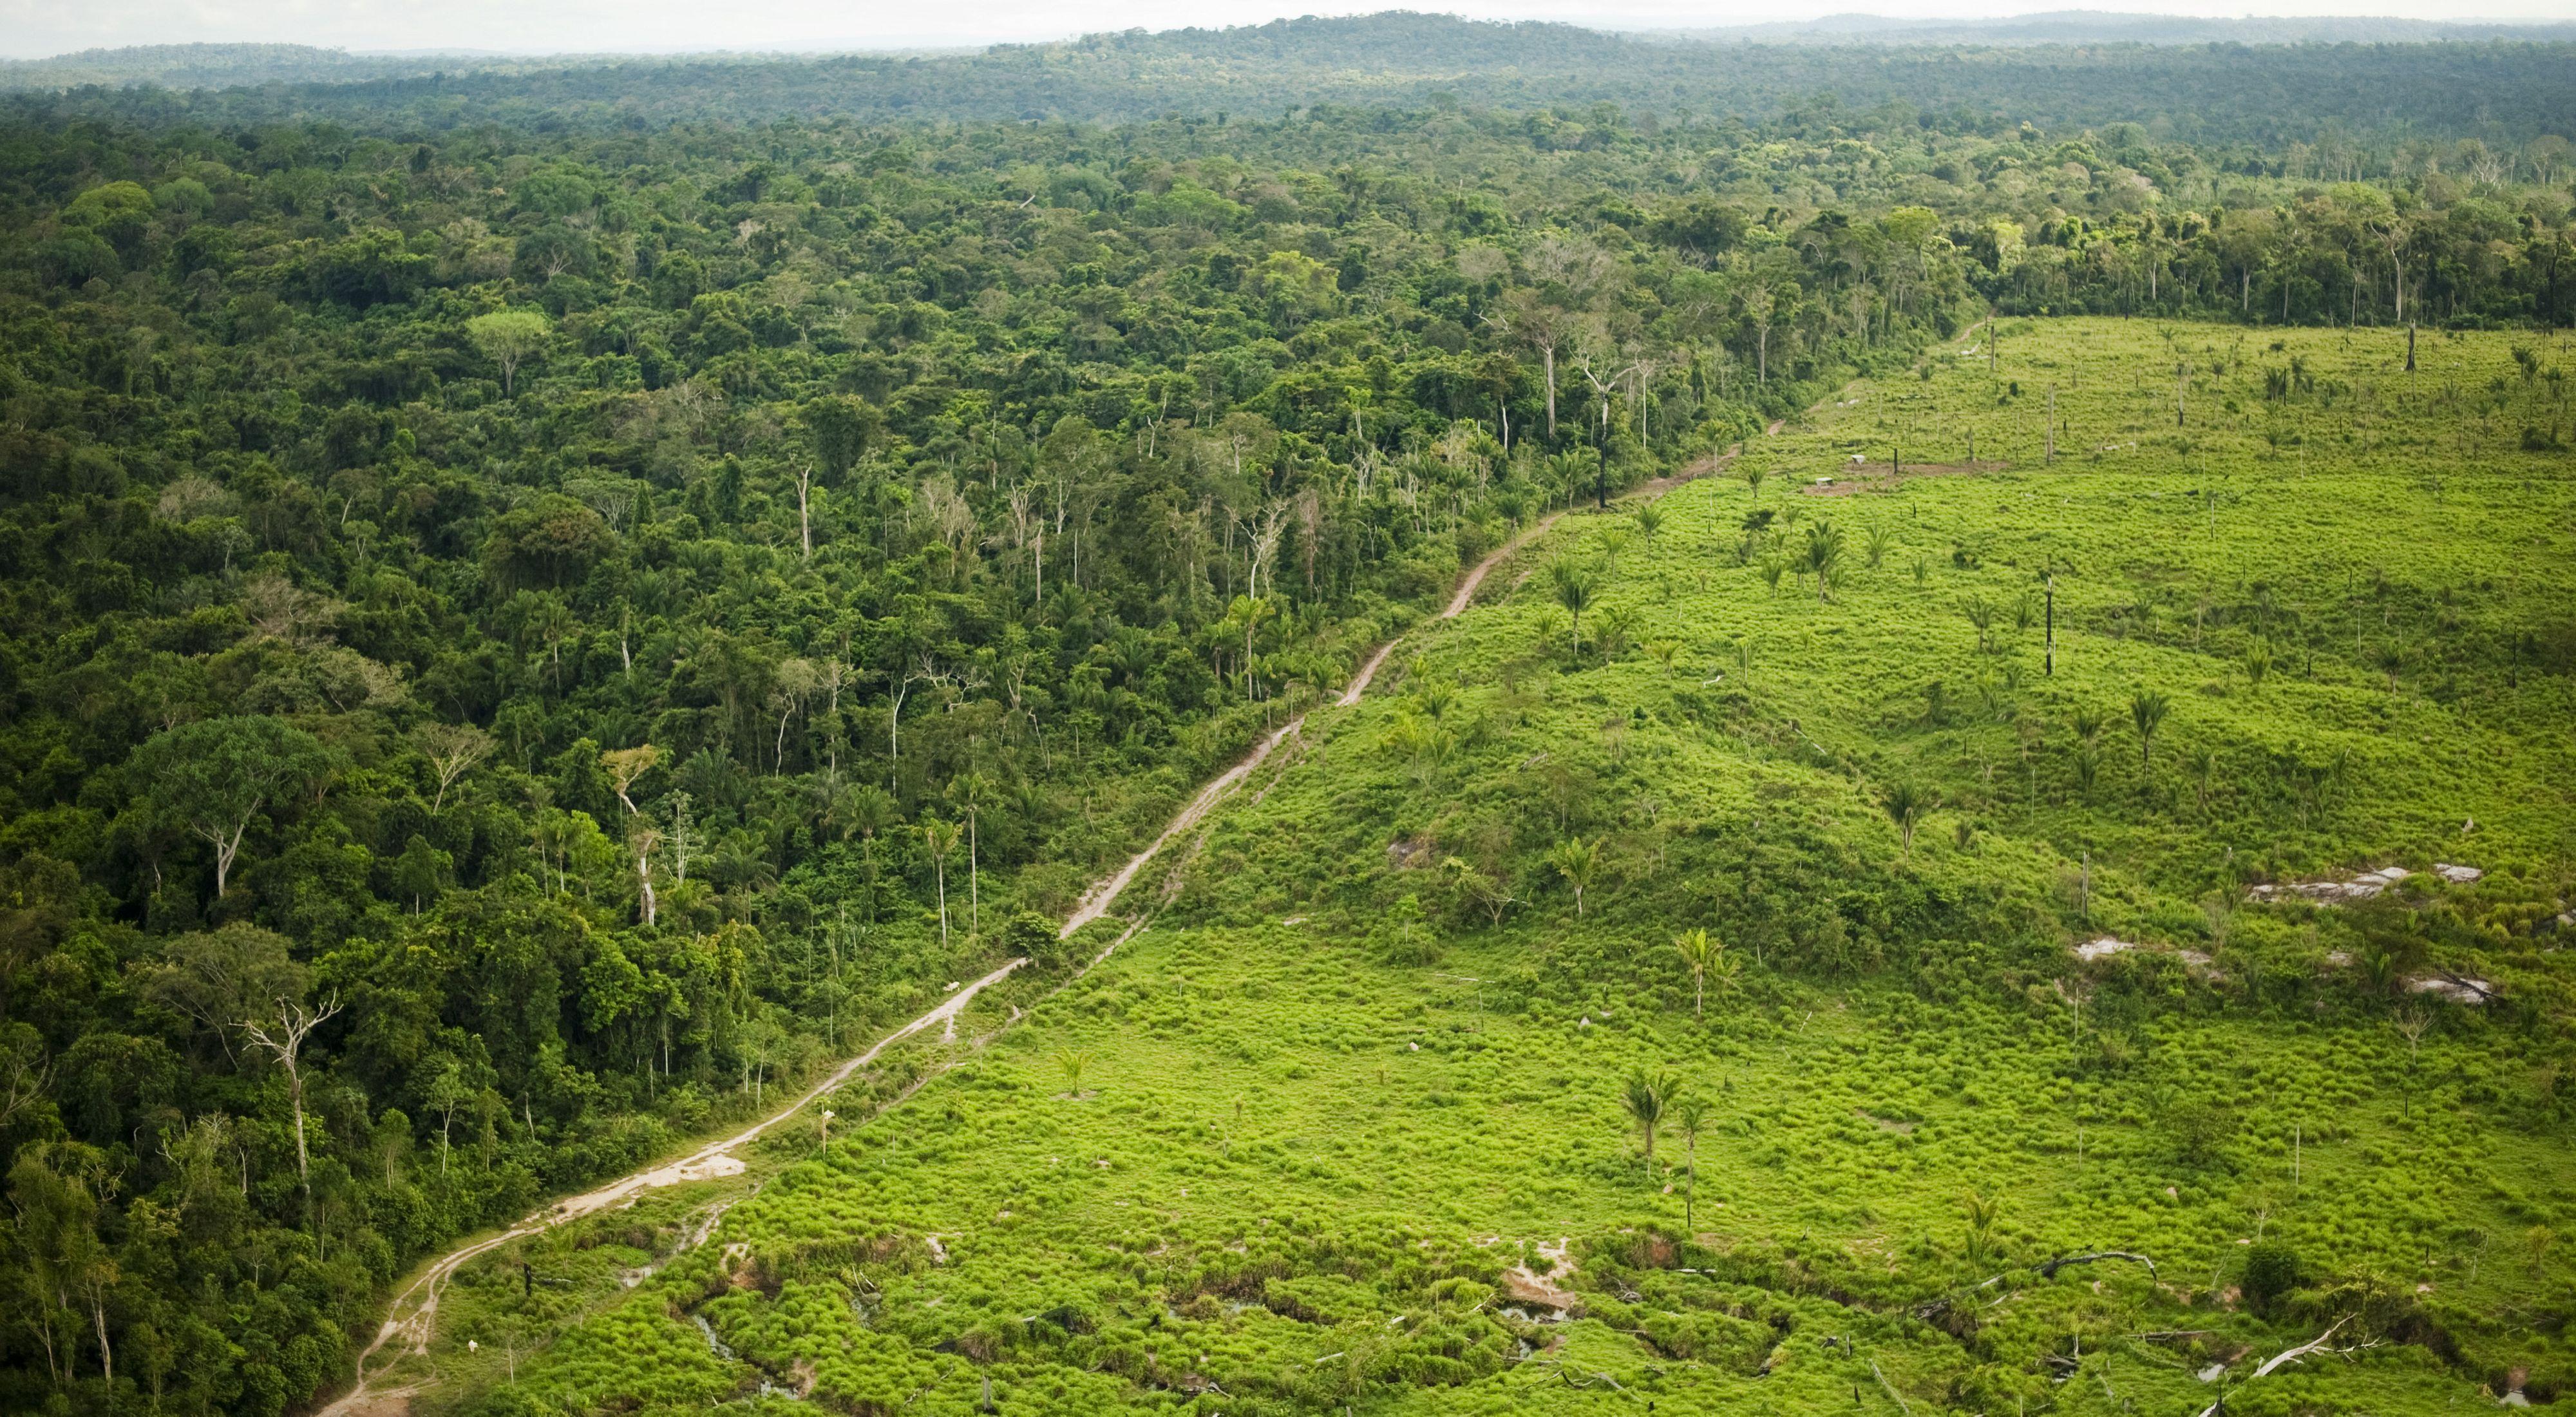 A maior parte do desmatamento acontece em áreas privadas, geralmente próximo de fronteiras de Unidades de Conservação e Terras Indígenas.